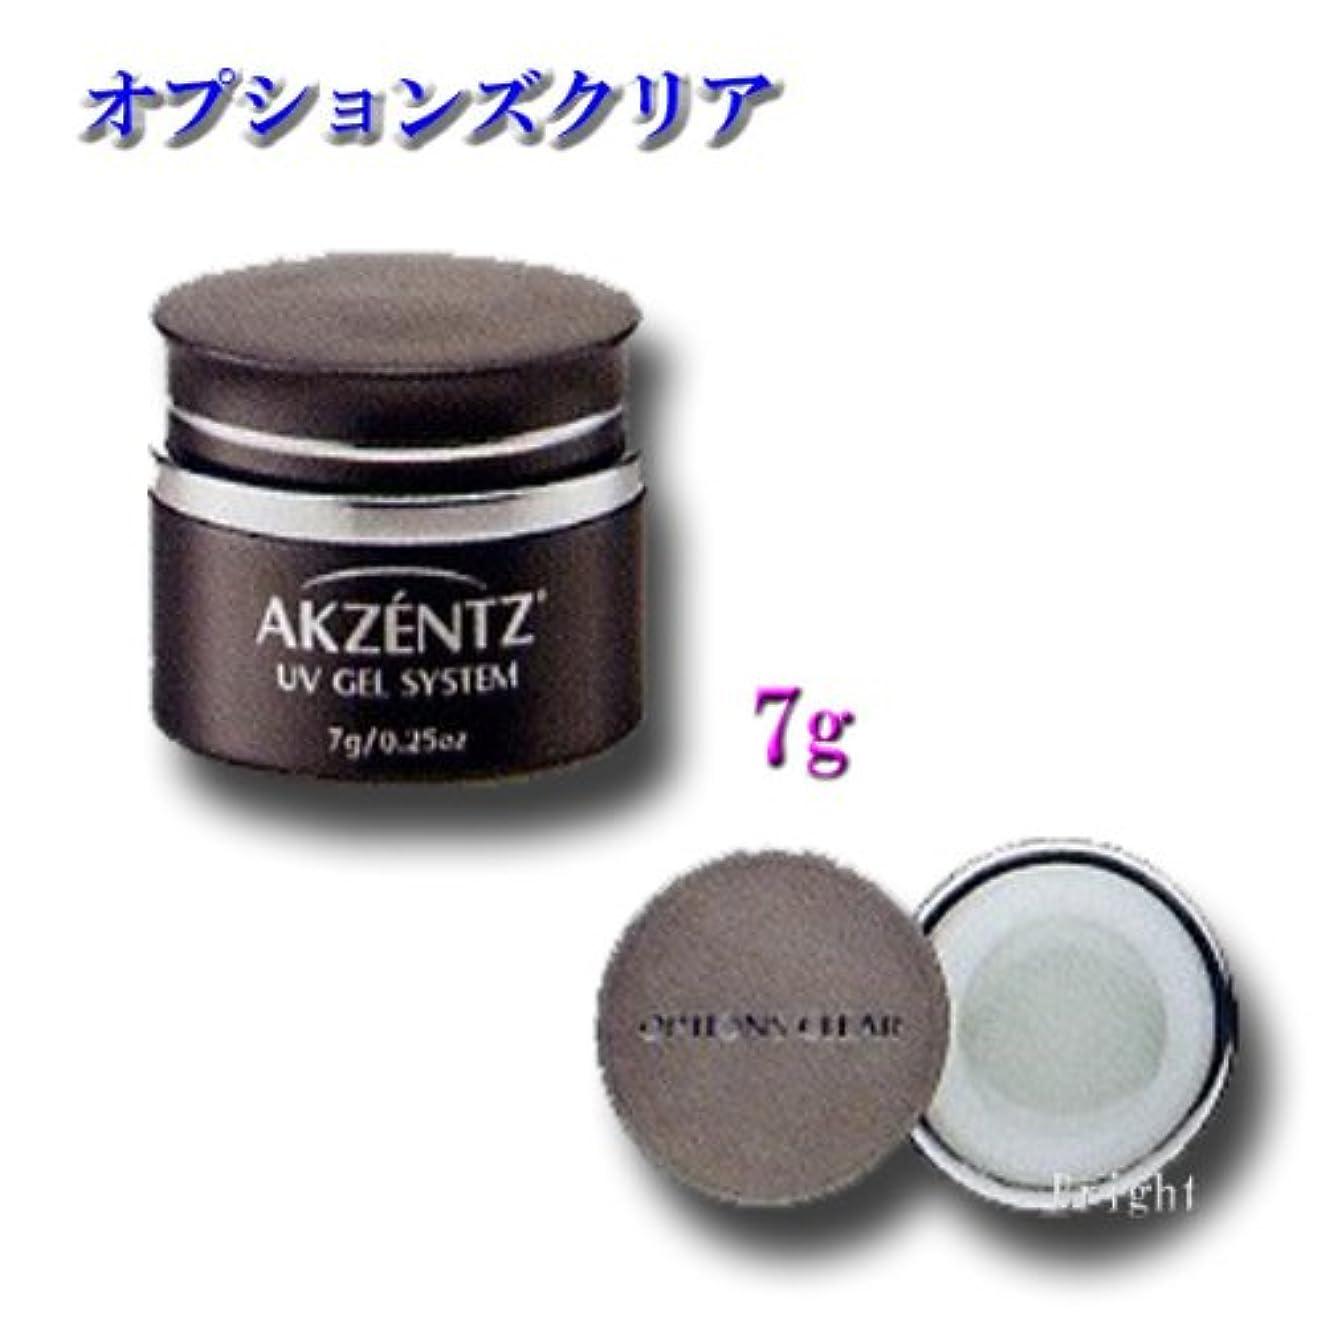 のみテンポ種アクセンツ(AKZENTZ) オプションズ クリア 7g